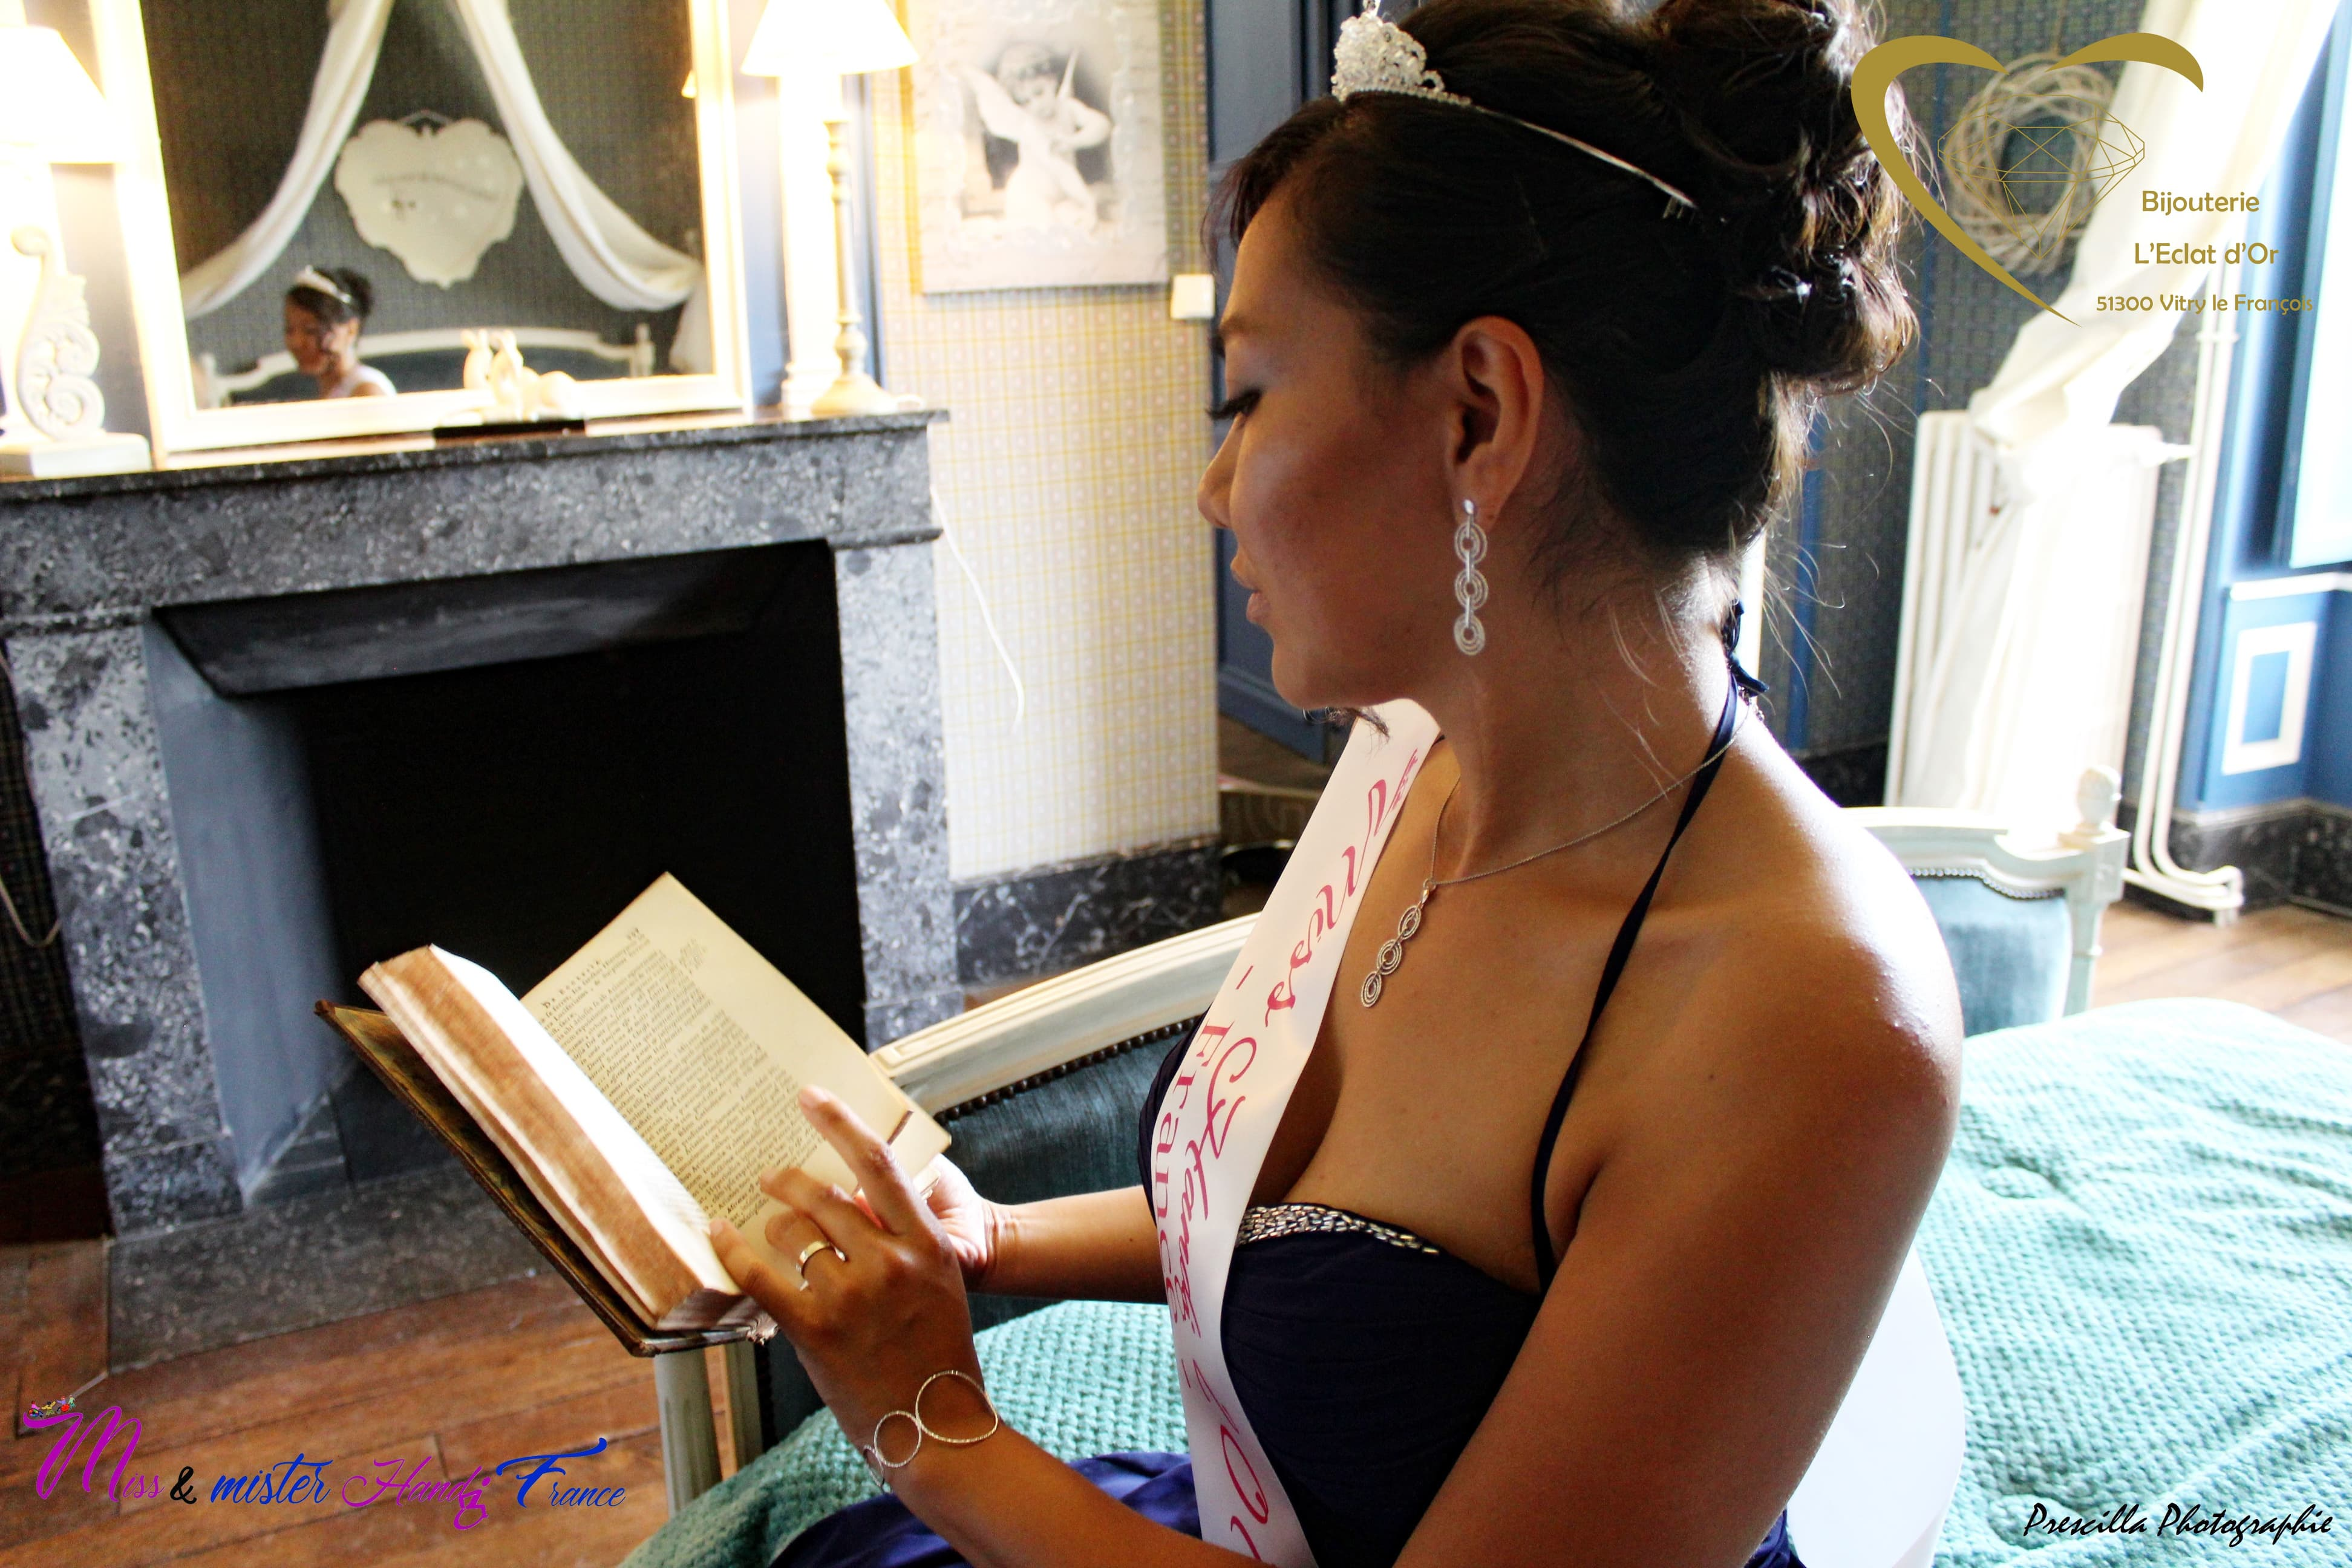 Miss handi France 2019 pose, livre à la main au château de Vitry-la-Ville (c) Prescilla photographie